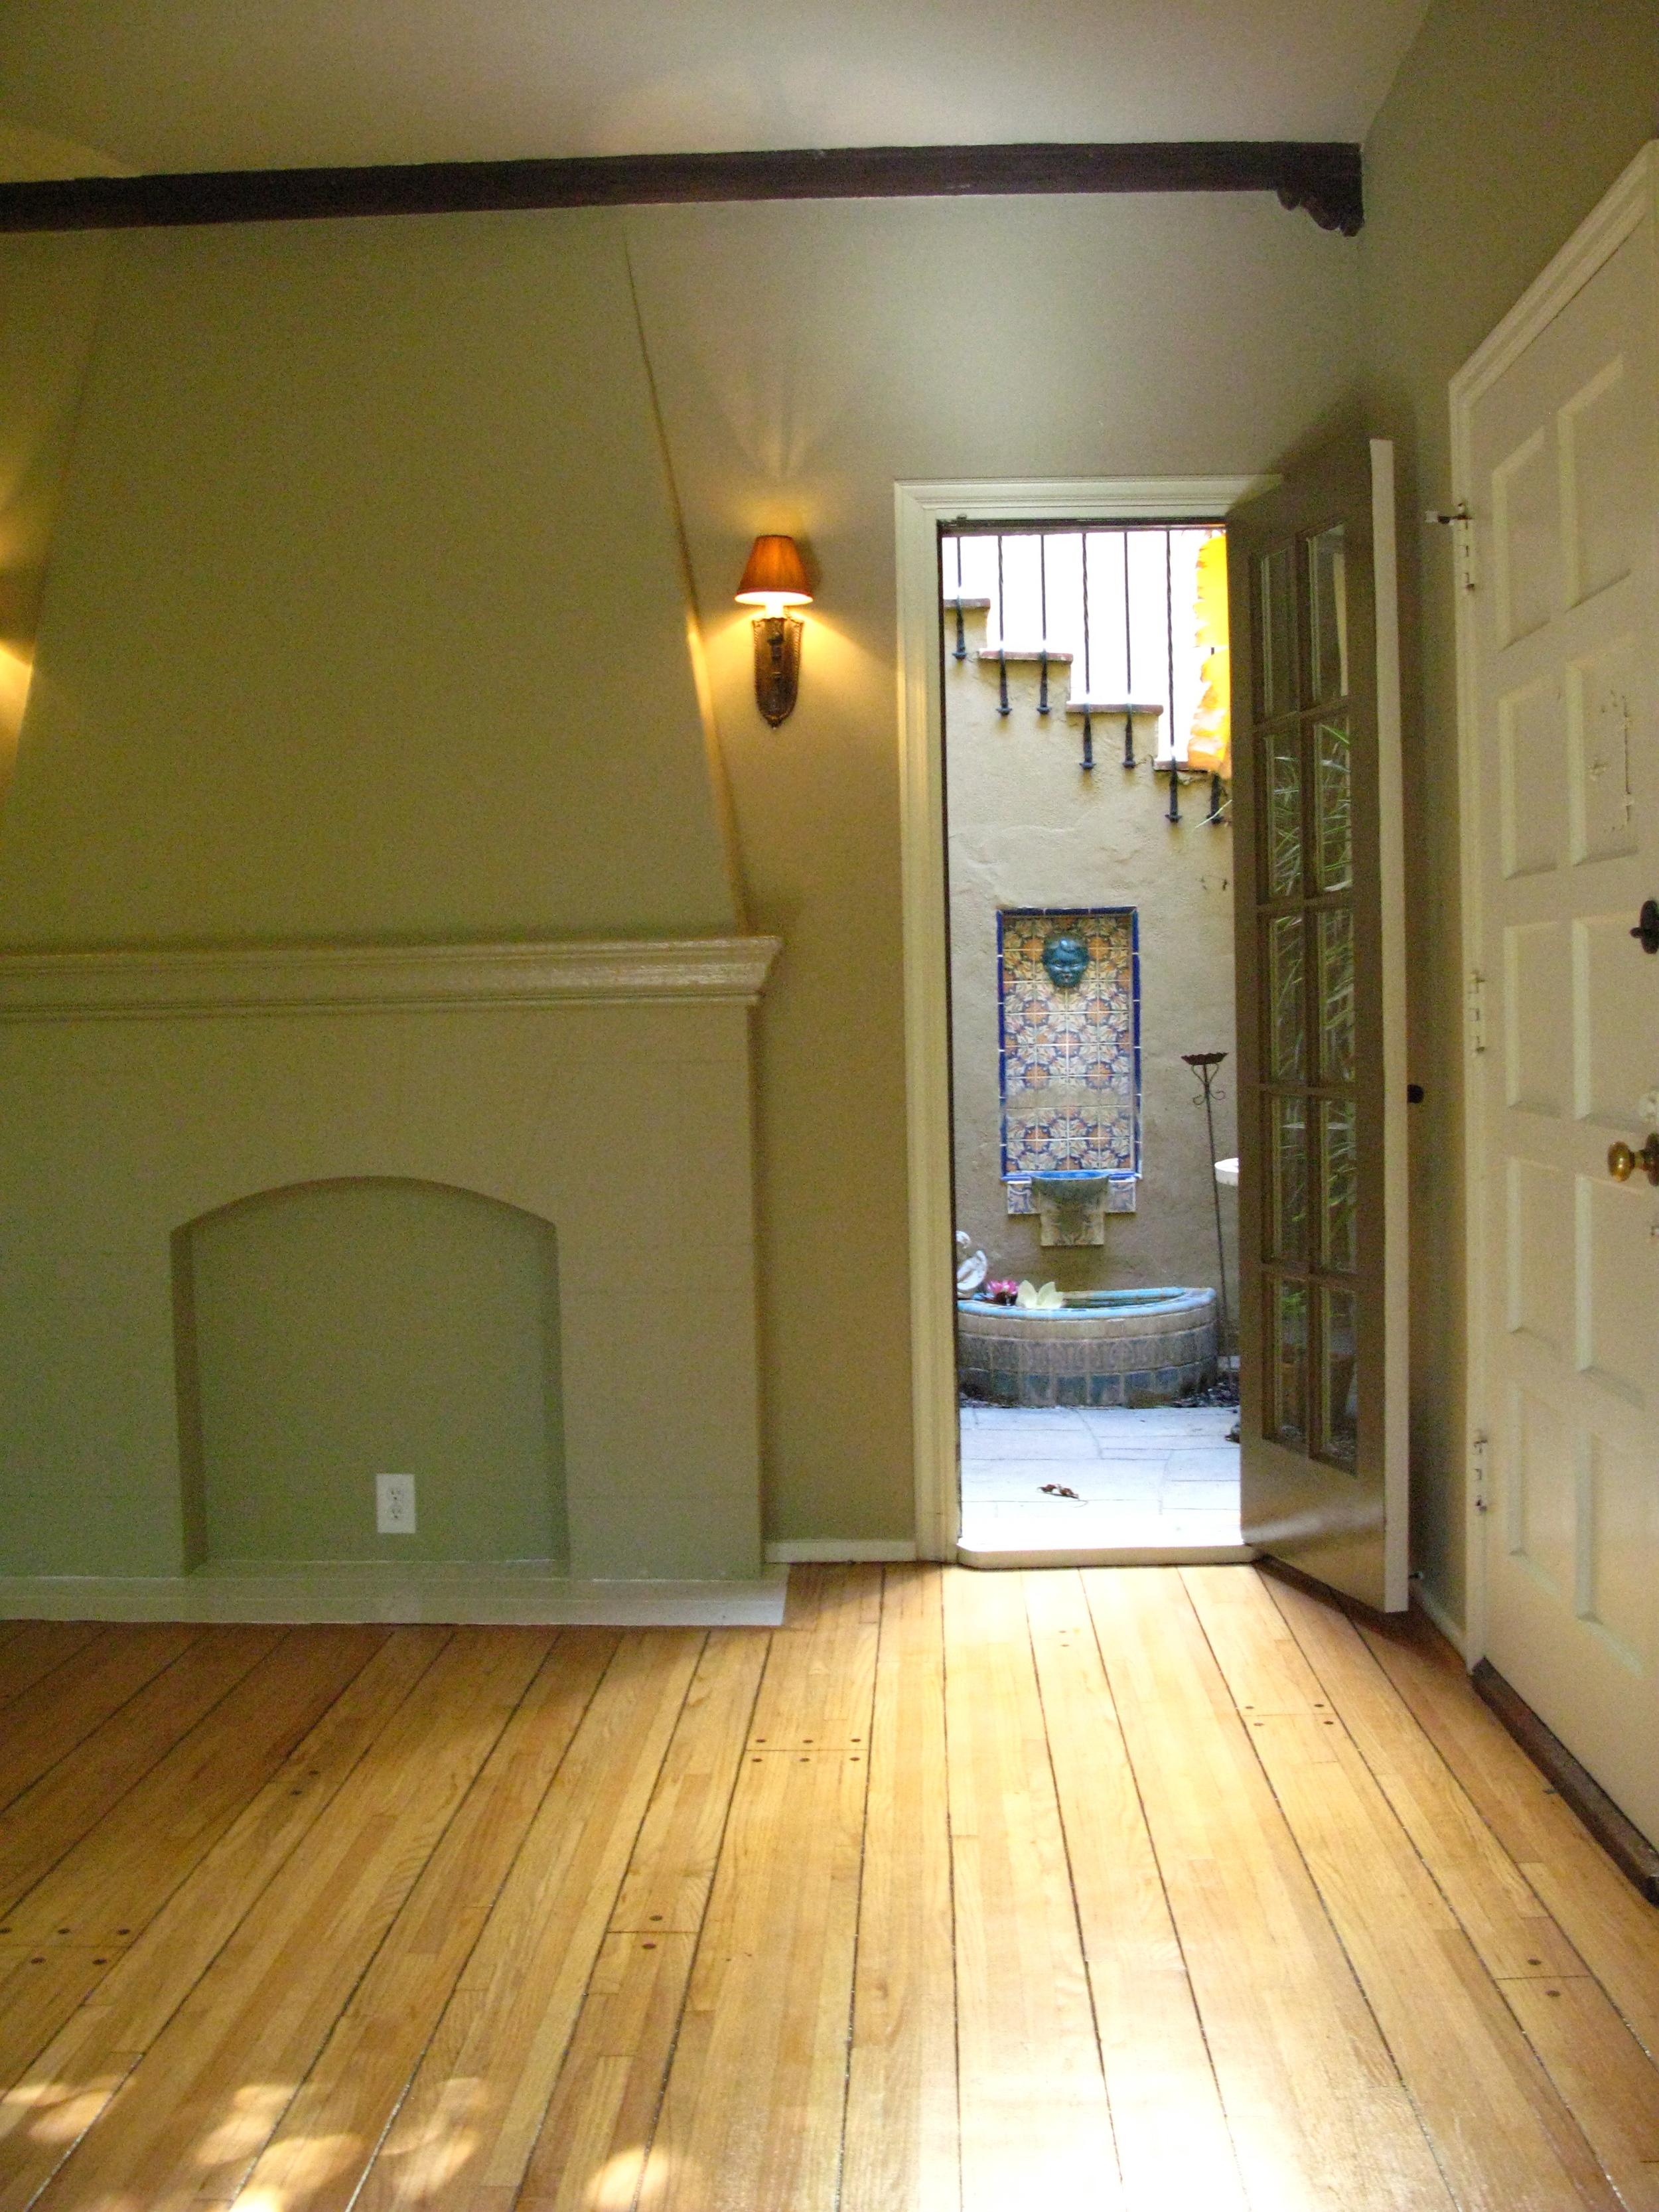 Casita on Sycamore! 1 Bedroom @ $2,395*